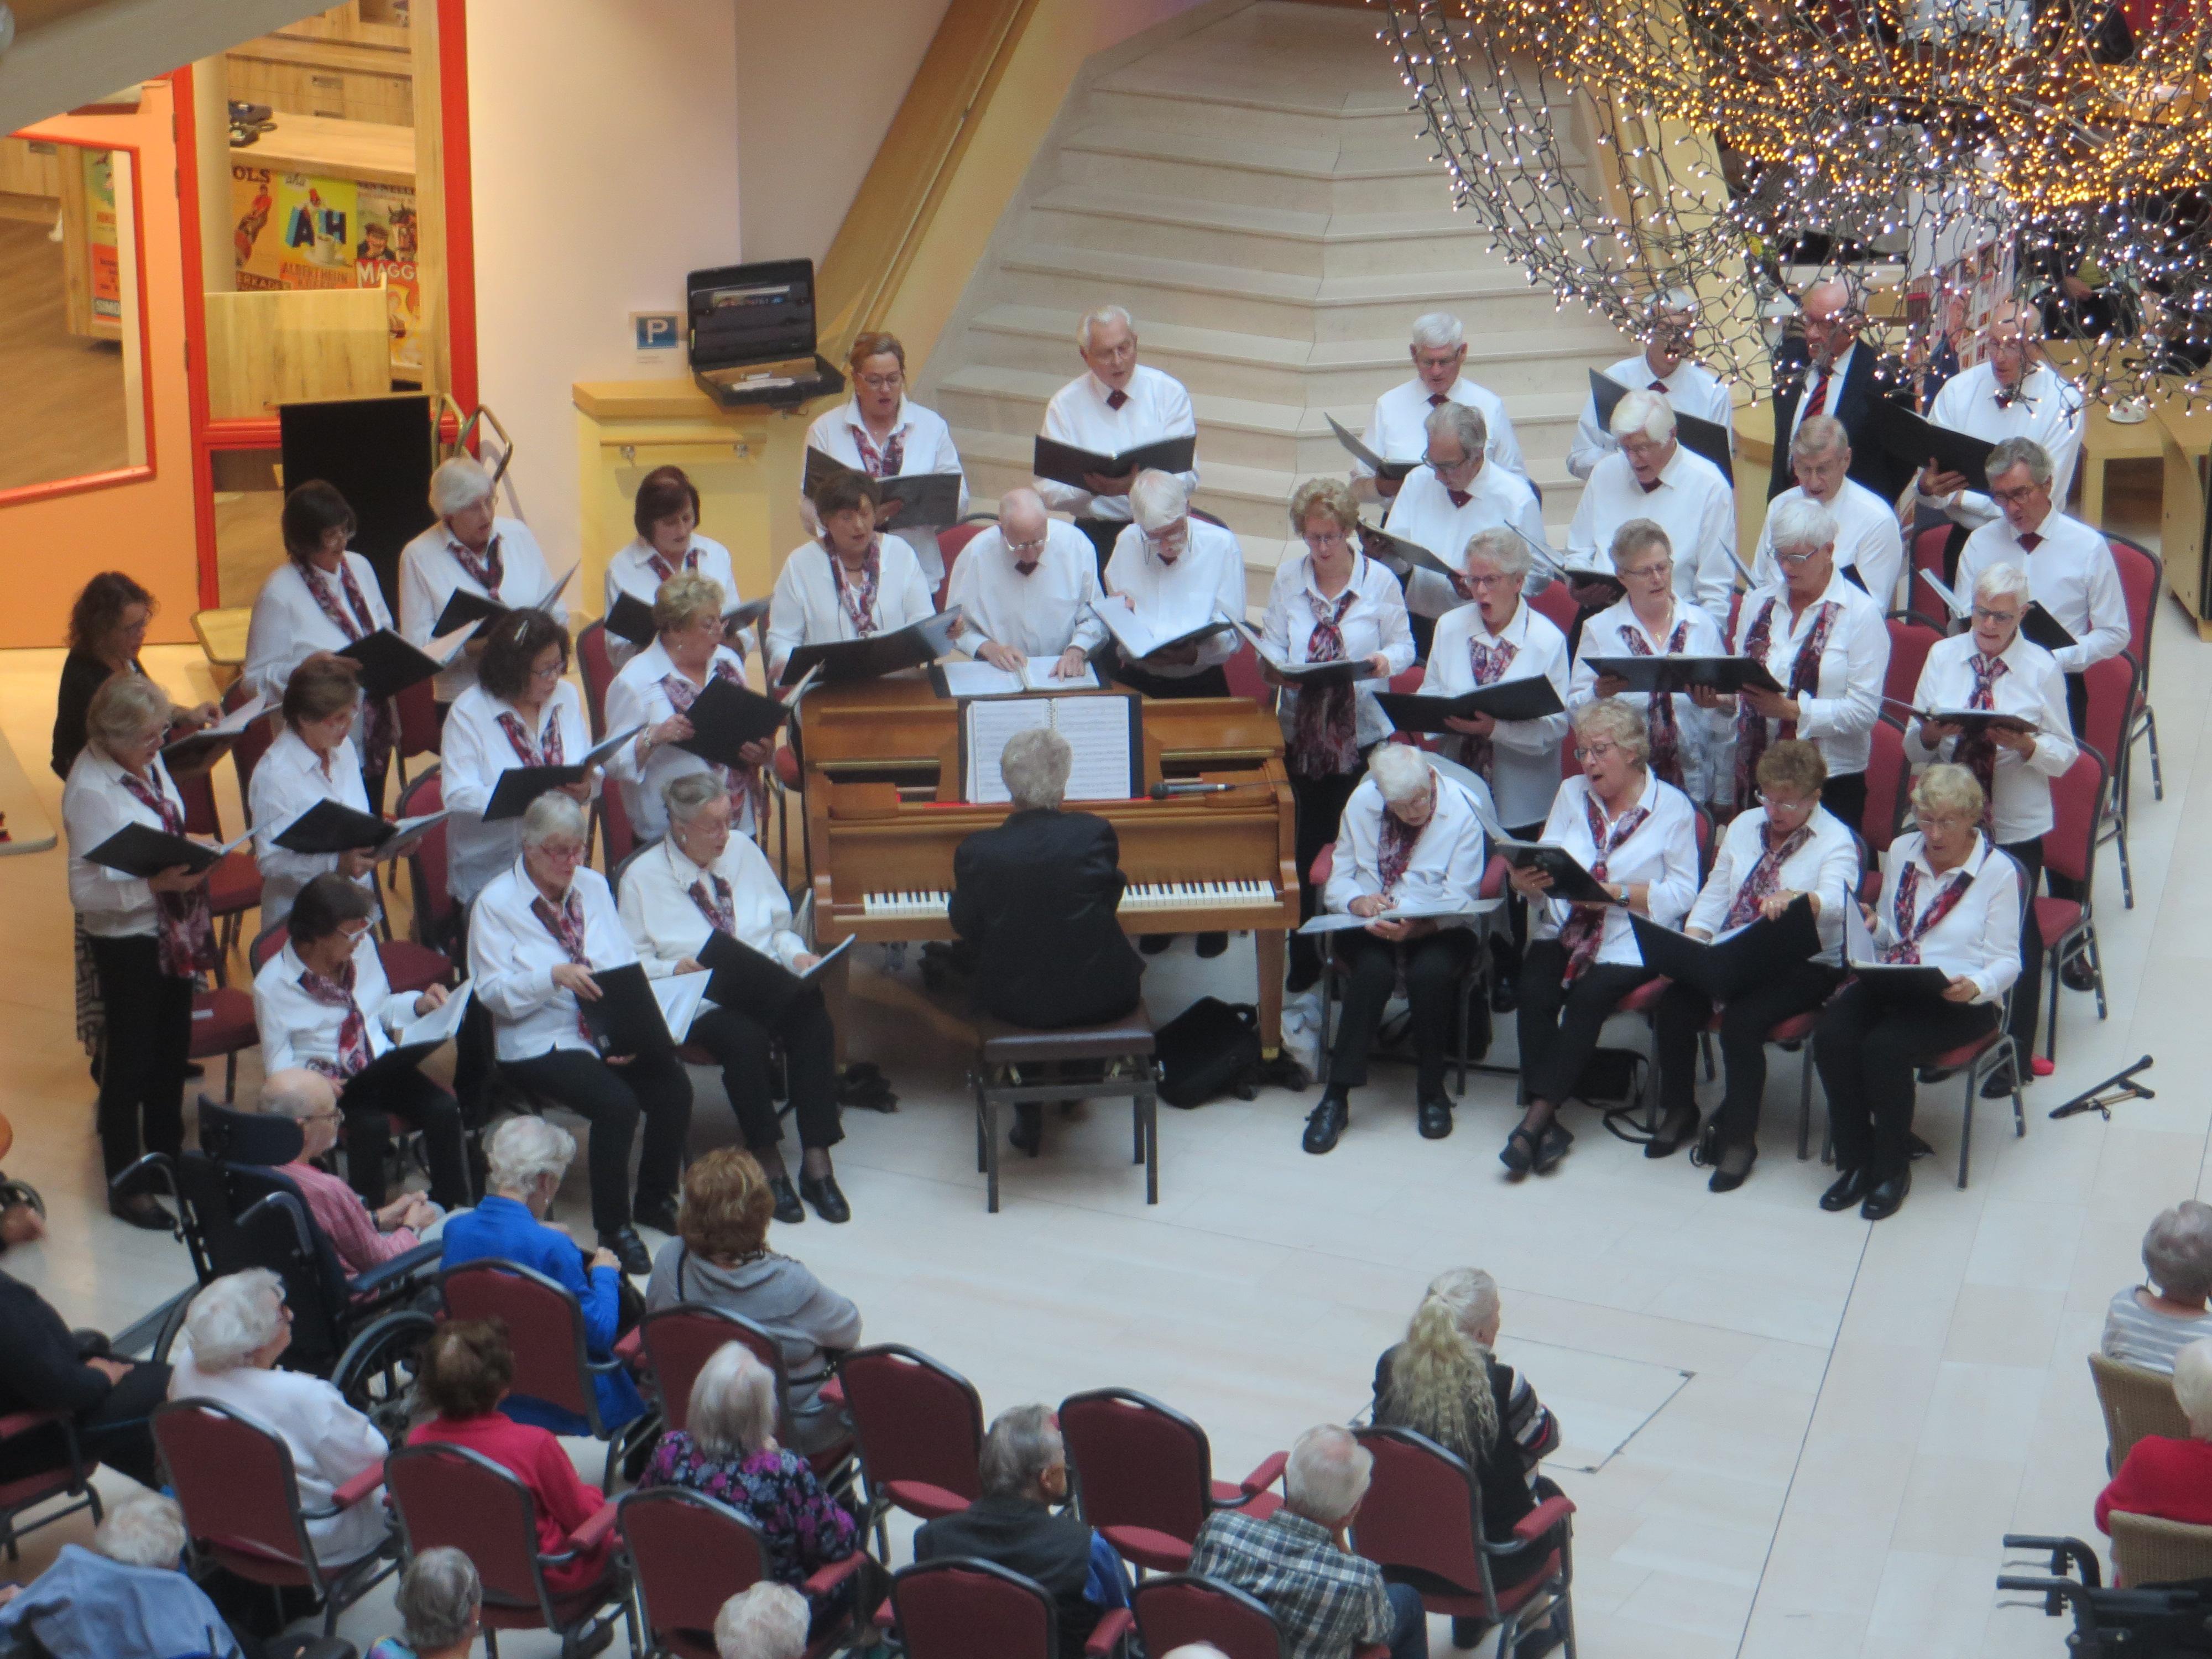 Maandagmiddag is al een kwart eeuw heilig voor Haarlems koor The Midday Singers: 'We zingen nog lekker'